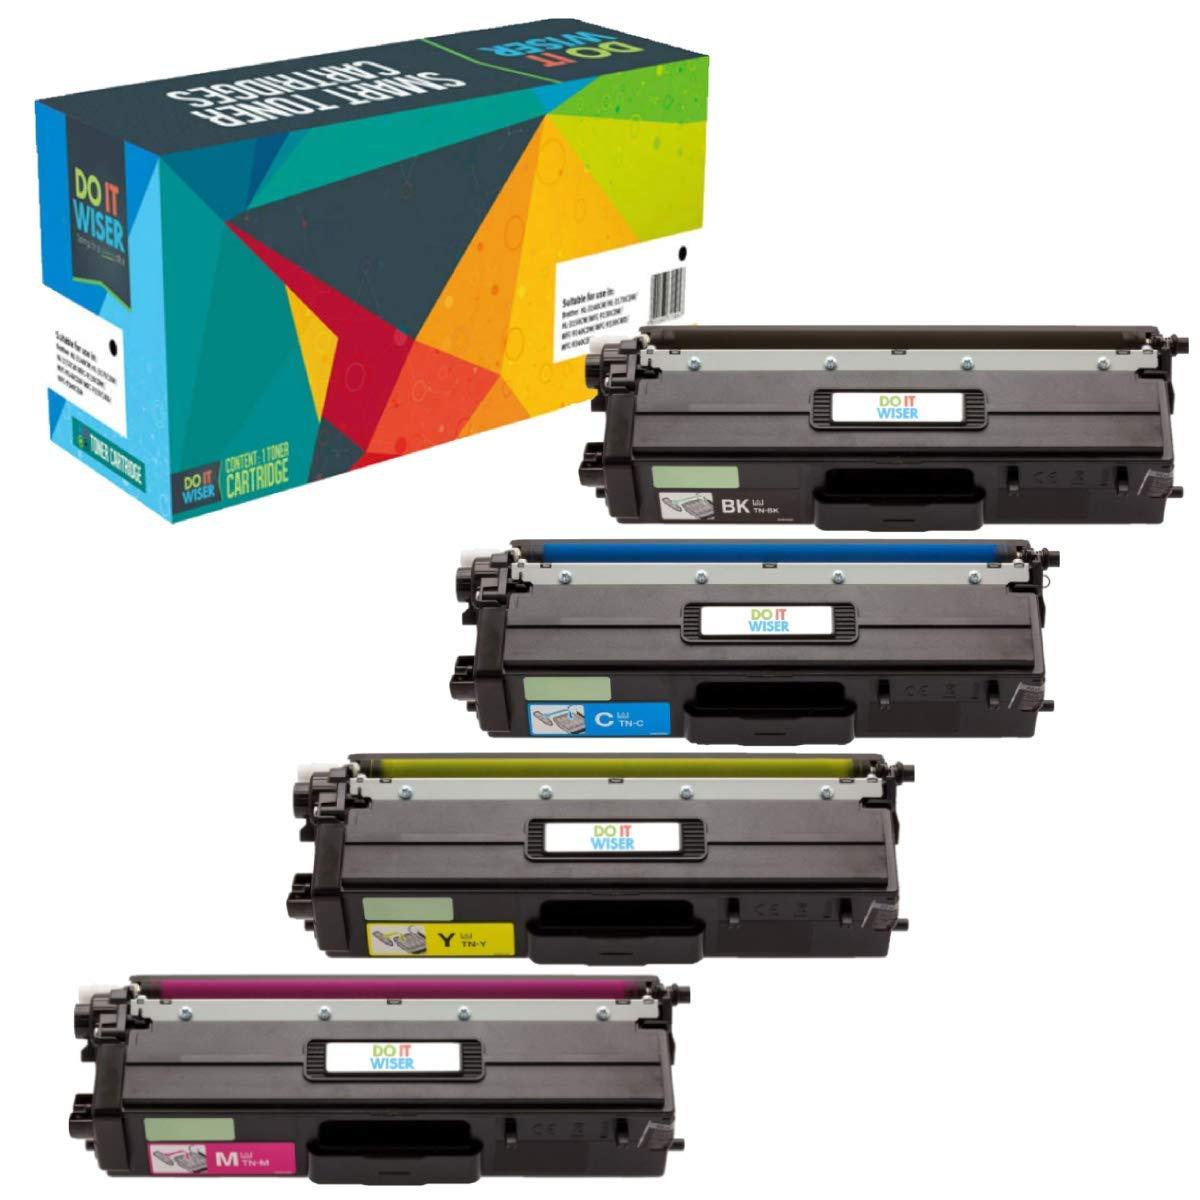 Do it Wiser ® 4 Cartuchos de Tóner XL TN423 TN421 TN-423 TN421 TN423 TN-421 Compatibles para Brother HL-L8260CDW HL-L8360CDW DCP-L8410CDW MFC-L8690CDW MFC-L8900CDW (6,500 páginas negro y 4,000 páginas colores ) dbe34d